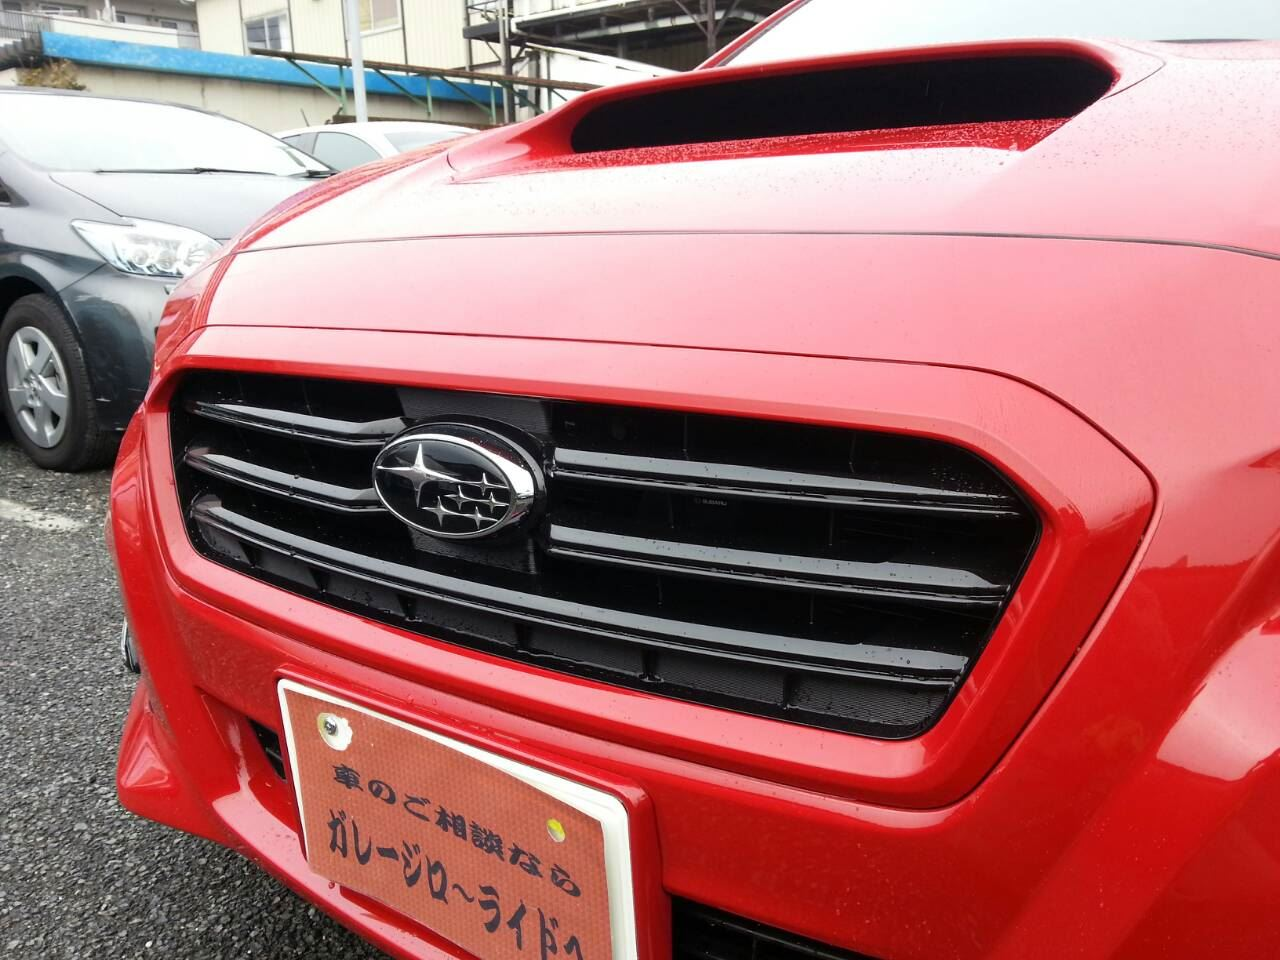 東京都立川市の車の板金塗装修理工場 ガレージローライドのスバル レヴォーグの前まわりのカスタム塗装 です。